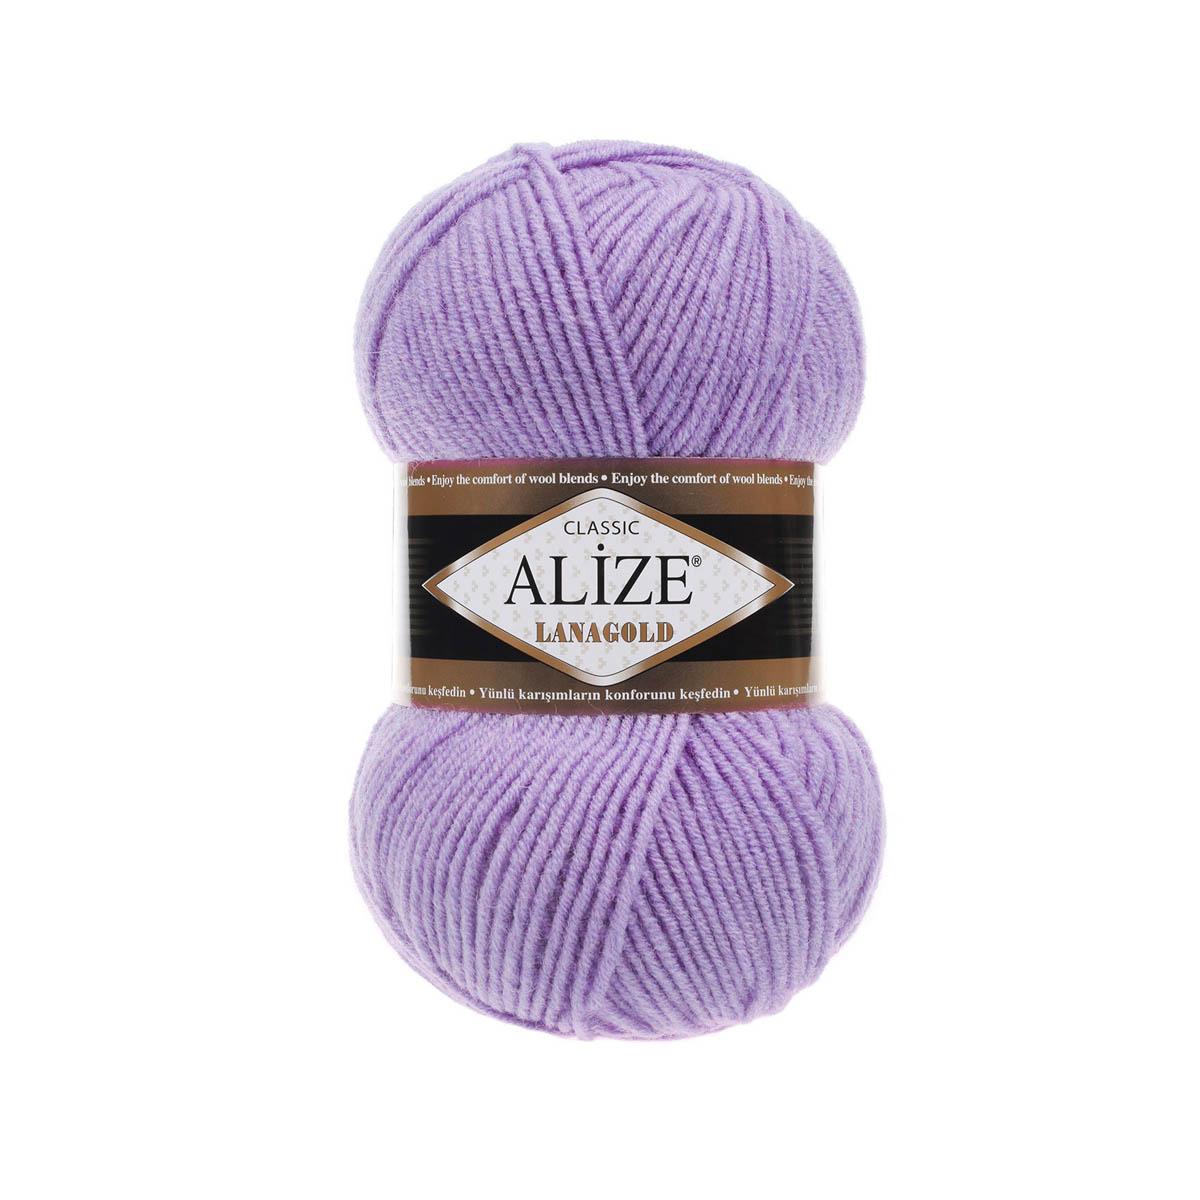 Пряжа ALIZE 'Lanagold' 100гр., 240м (49%шерсть, 51%акрил)